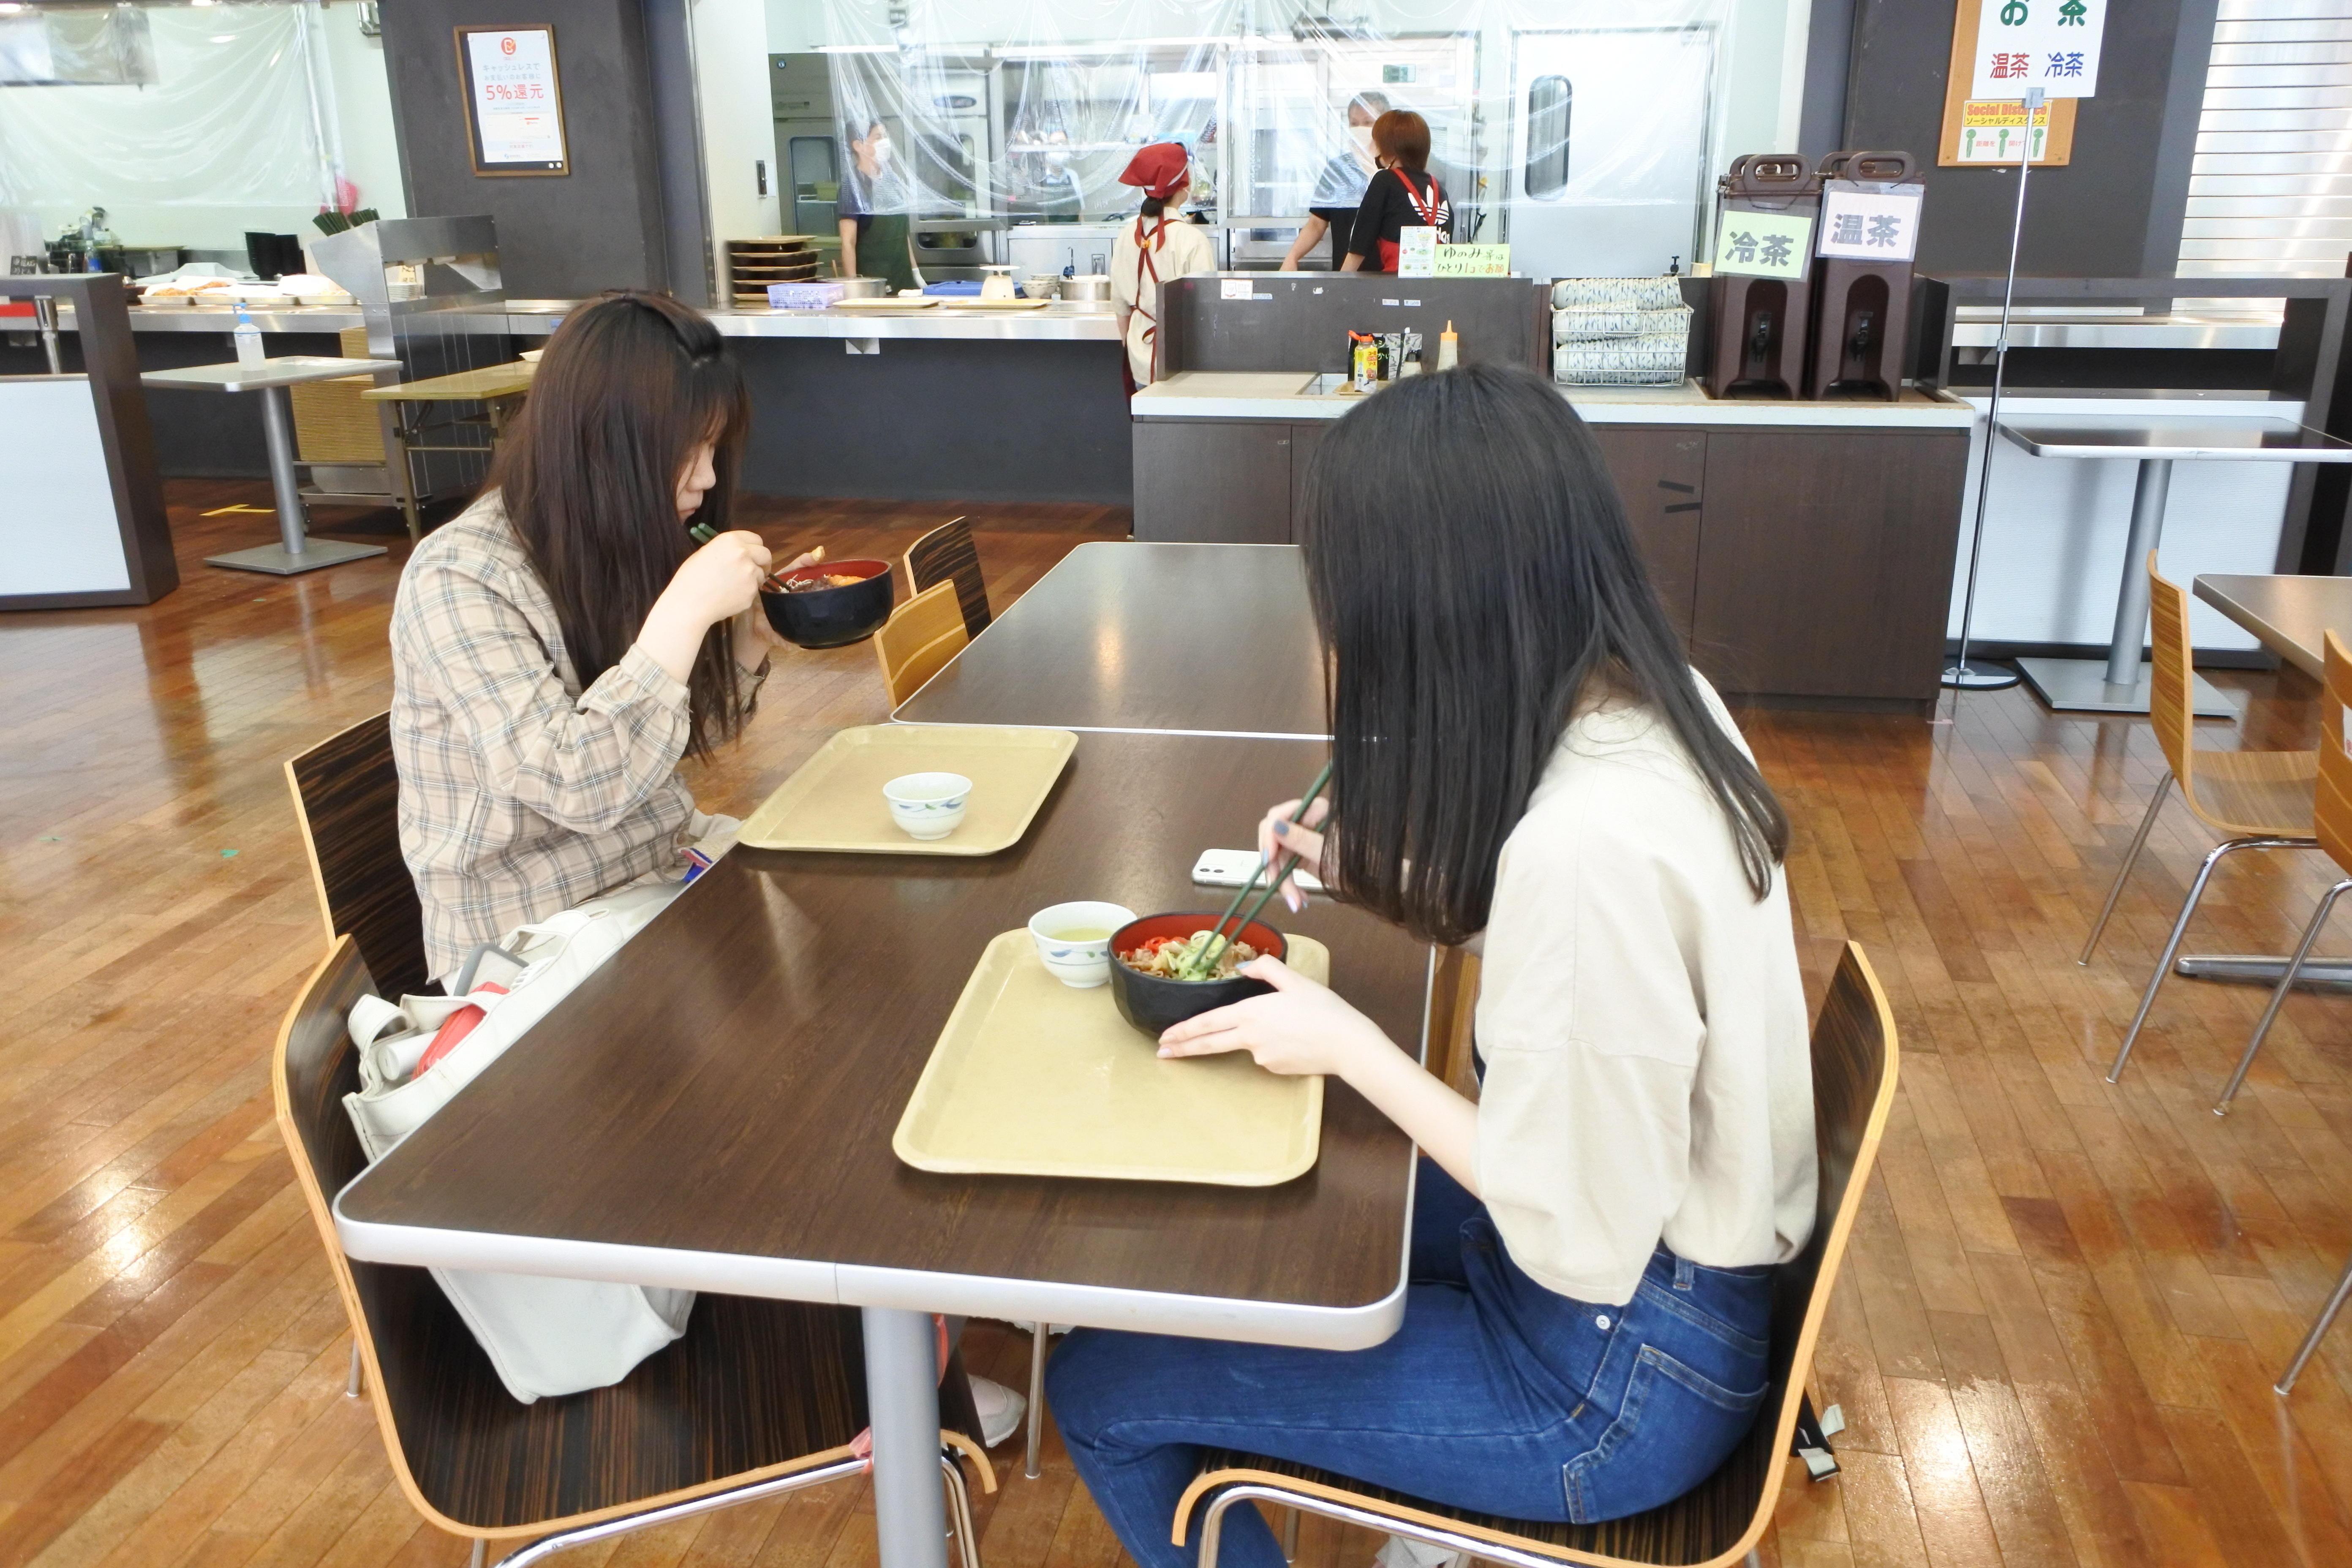 共通講義棟北地下の名城食堂は利用者が正対しないような椅子配置